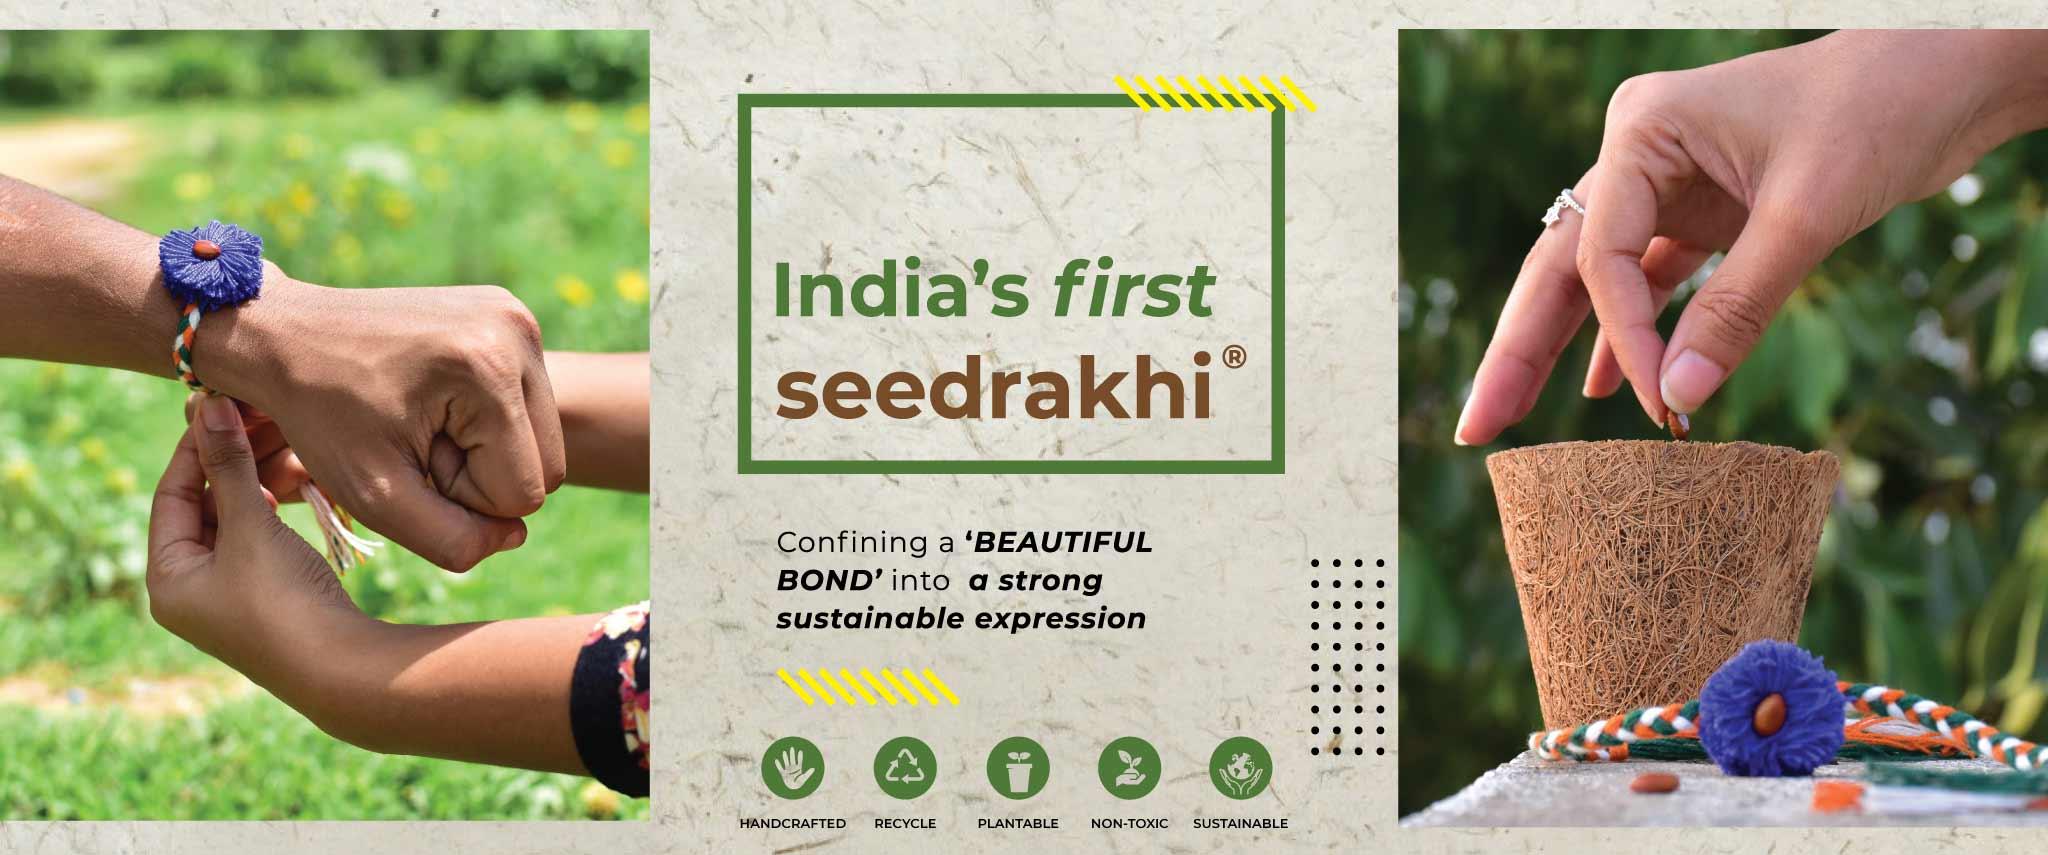 seed-rakhi-banner-13